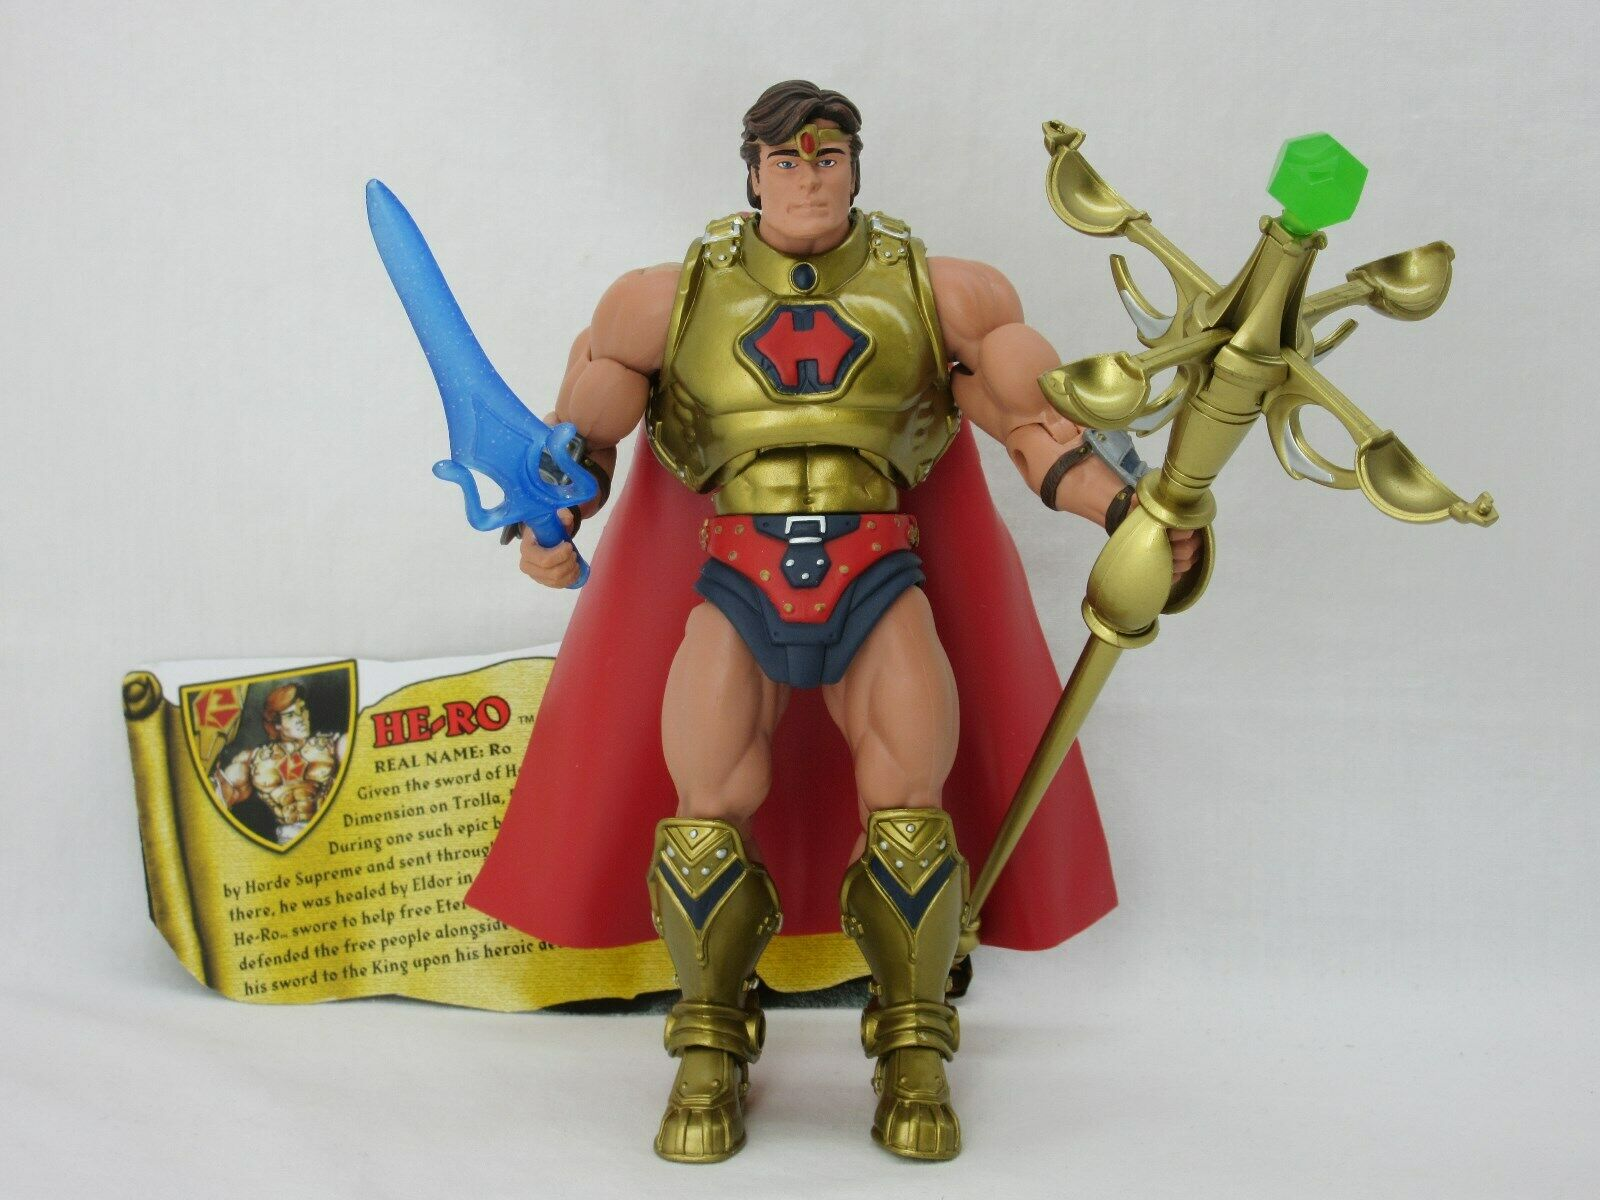 MOTUC,MOTU,HE-RO,Masters Of The Universe Classics,100% Complete,He man